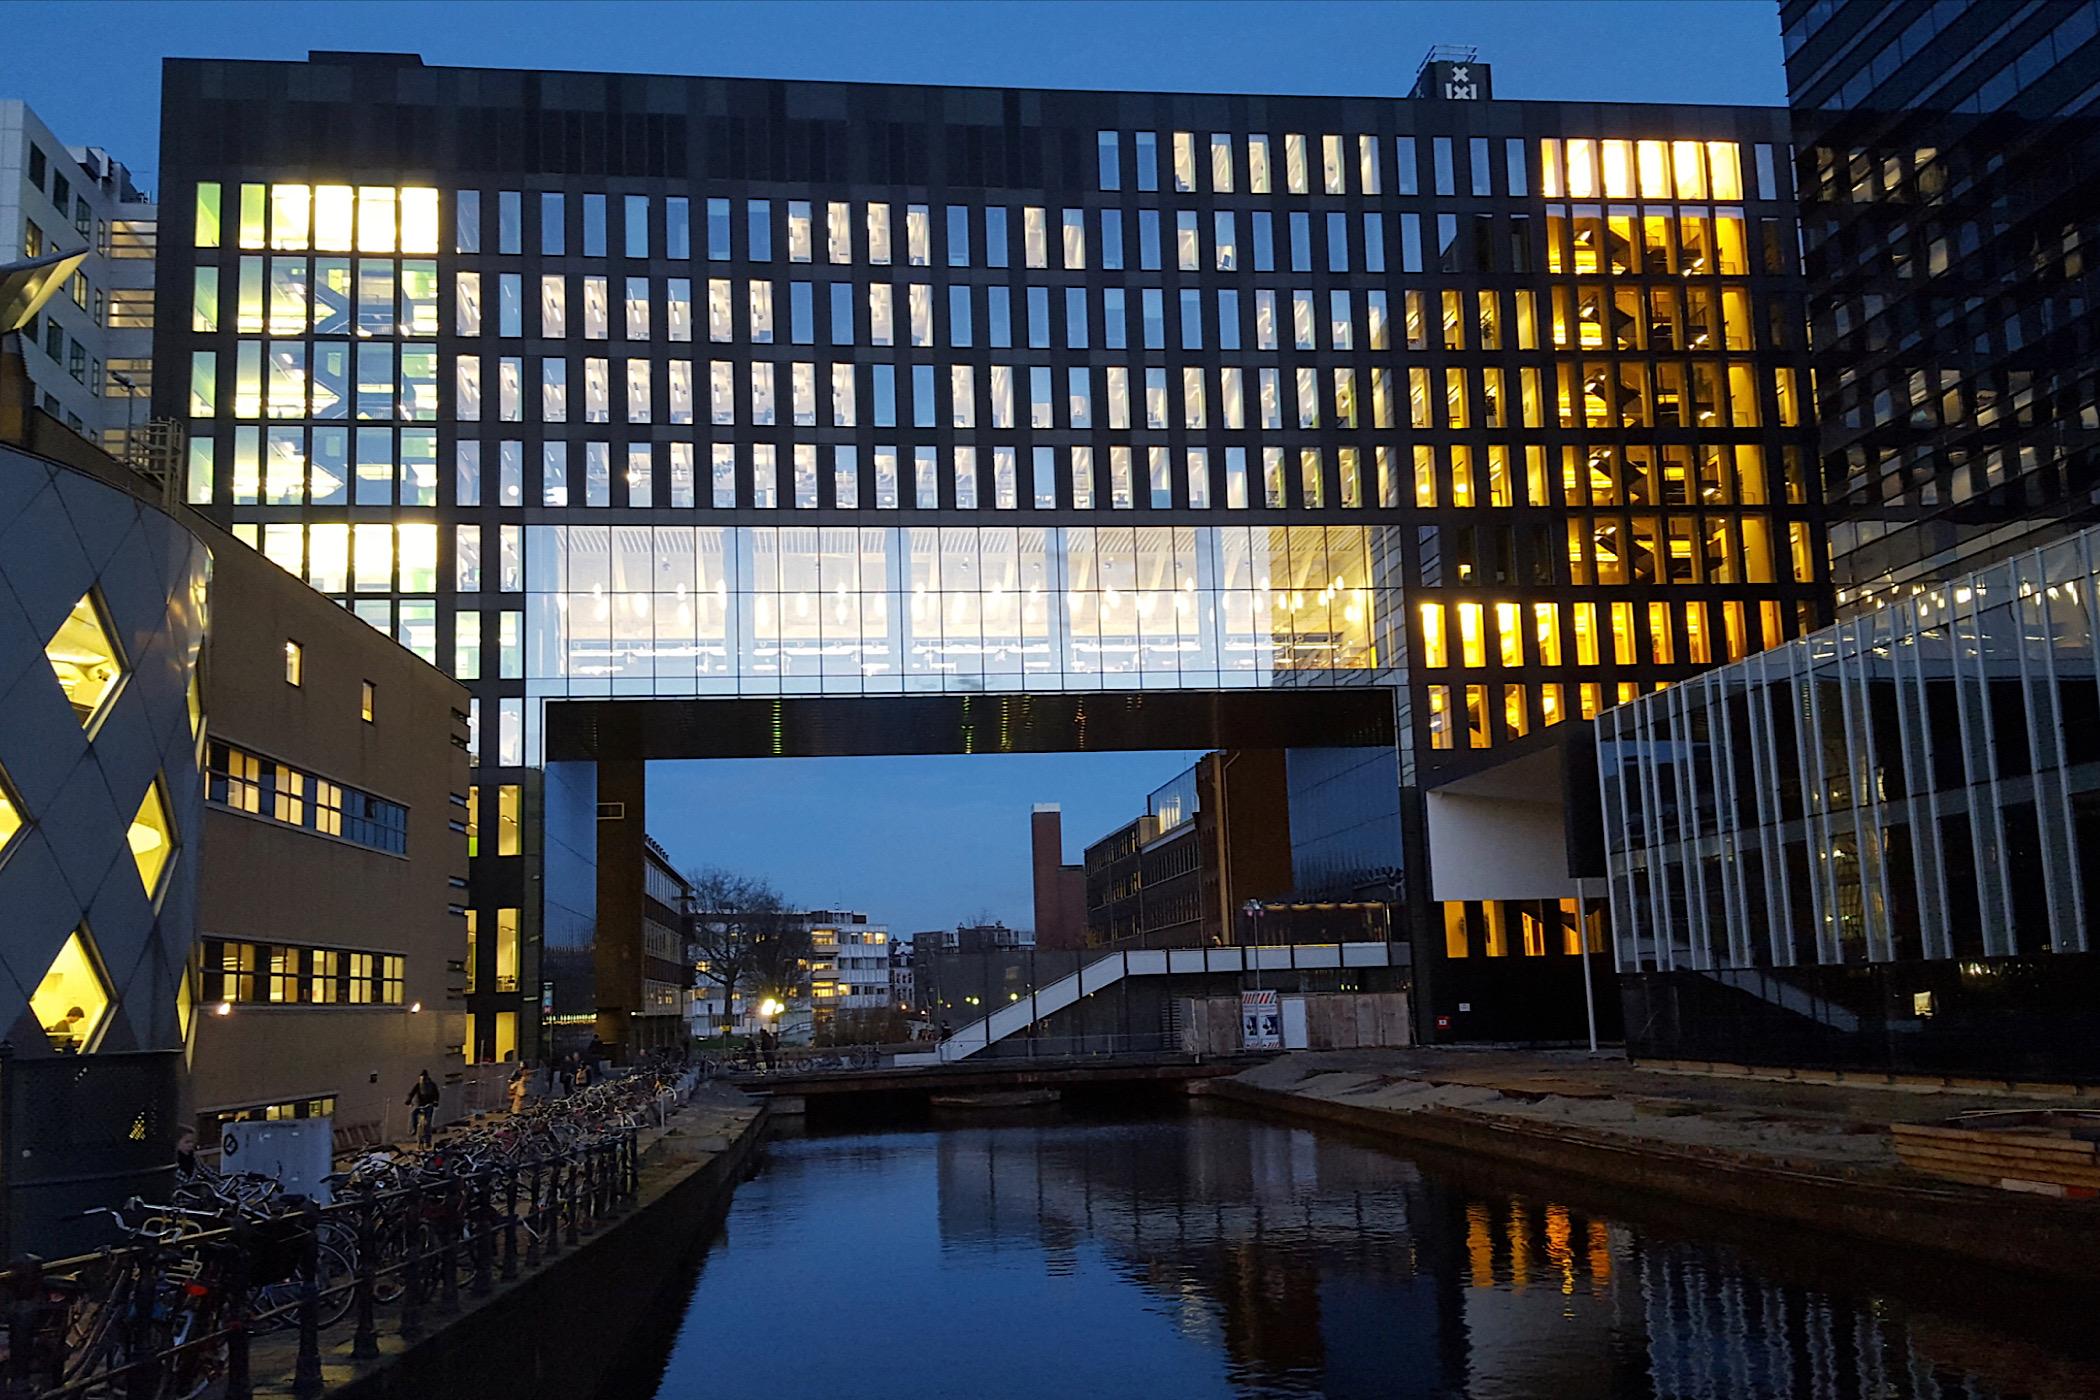 Tenenkrommende racisme-excuses van de Universiteit van Amsterdam Wouter roorda opiniez